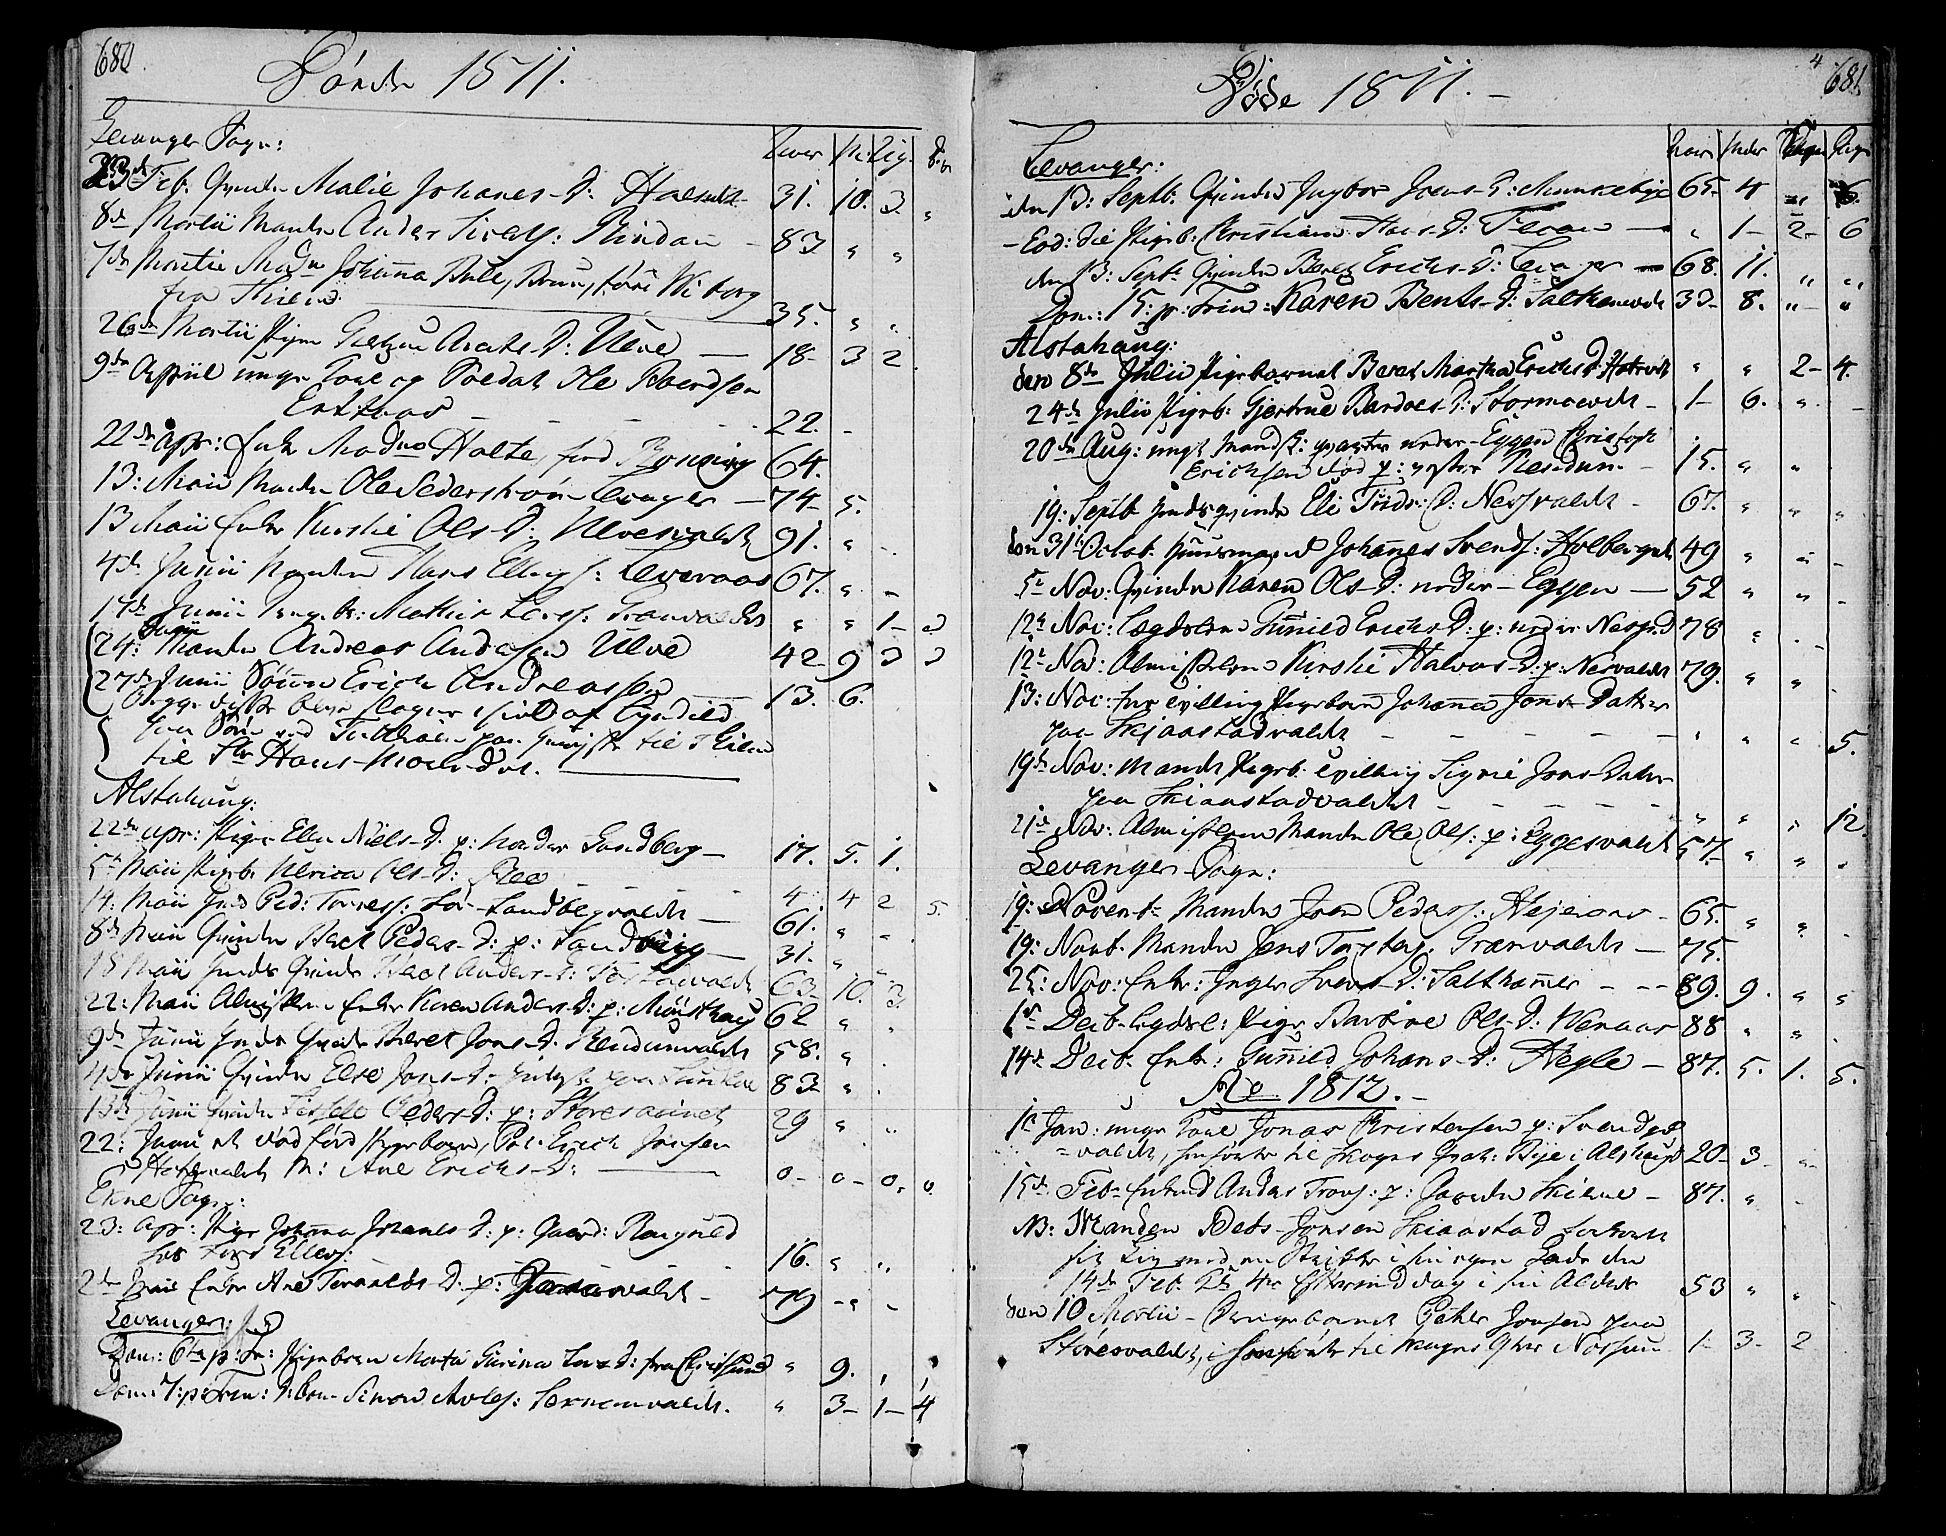 SAT, Ministerialprotokoller, klokkerbøker og fødselsregistre - Nord-Trøndelag, 717/L0145: Ministerialbok nr. 717A03 /1, 1810-1815, s. 680-681